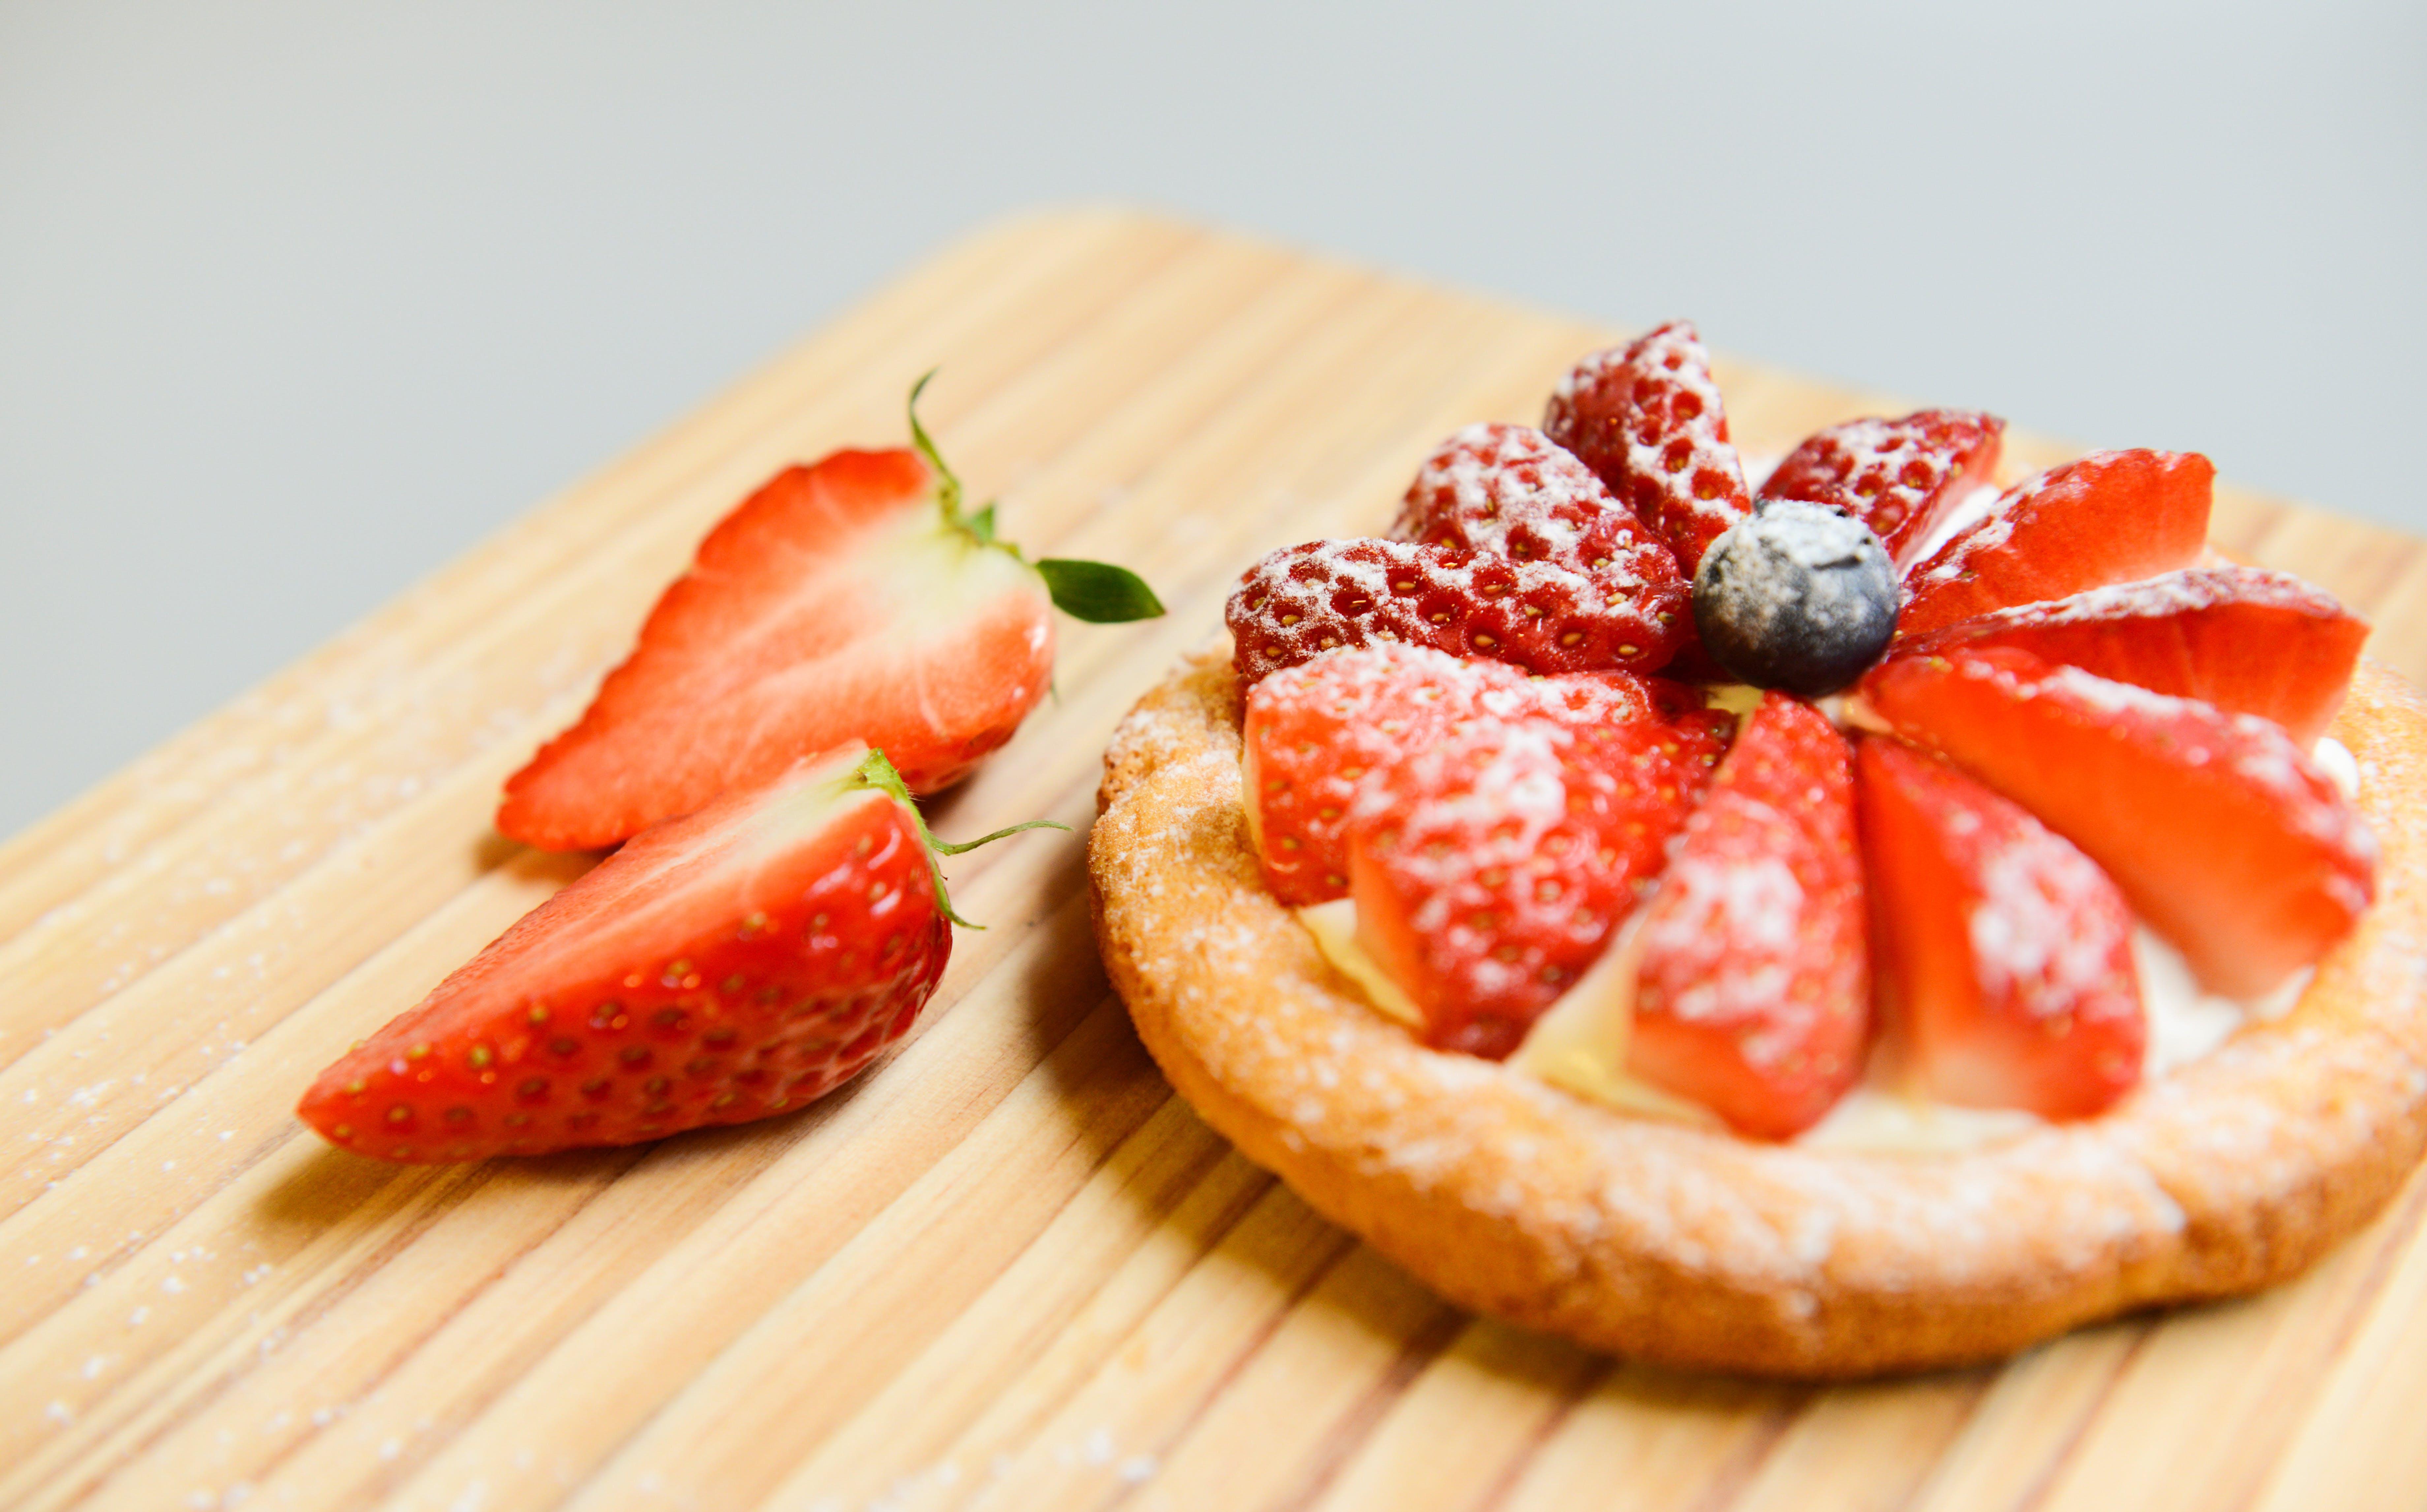 Gratis lagerfoto af bagt, blackberry, brød, close-up